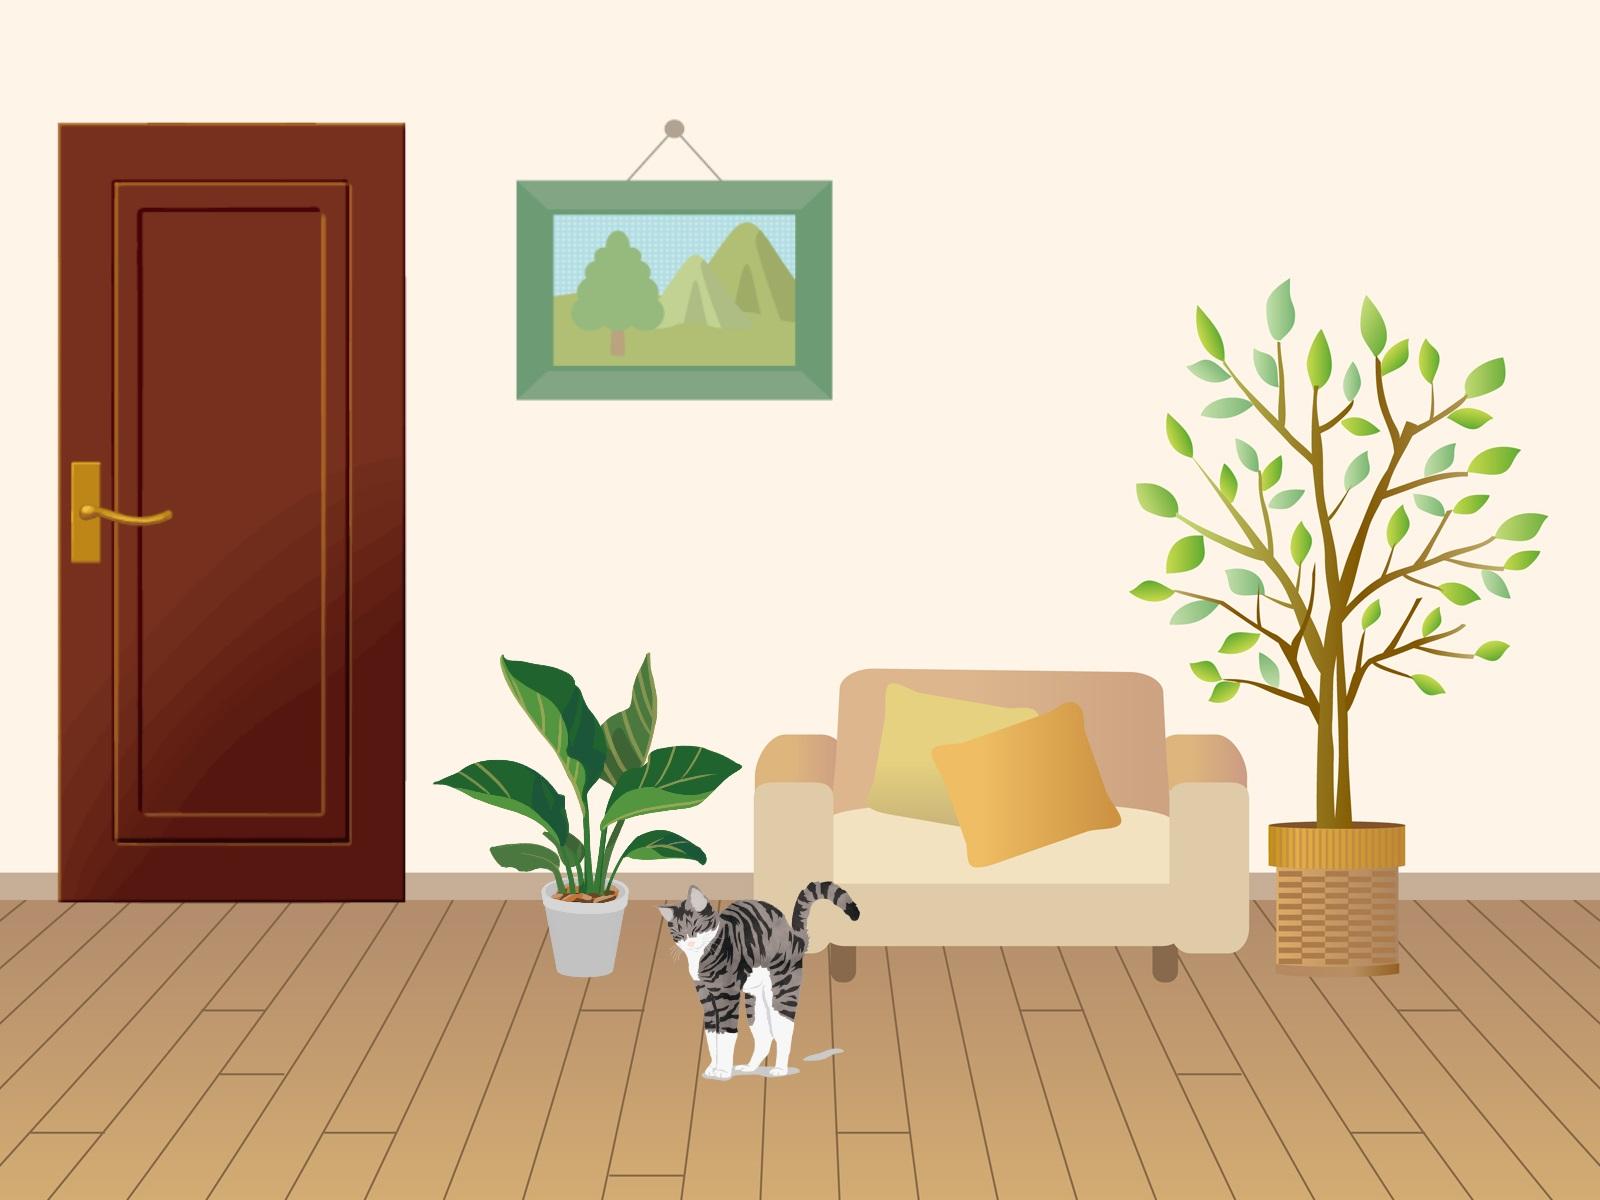 リビングで伸びをしている猫のイラスト